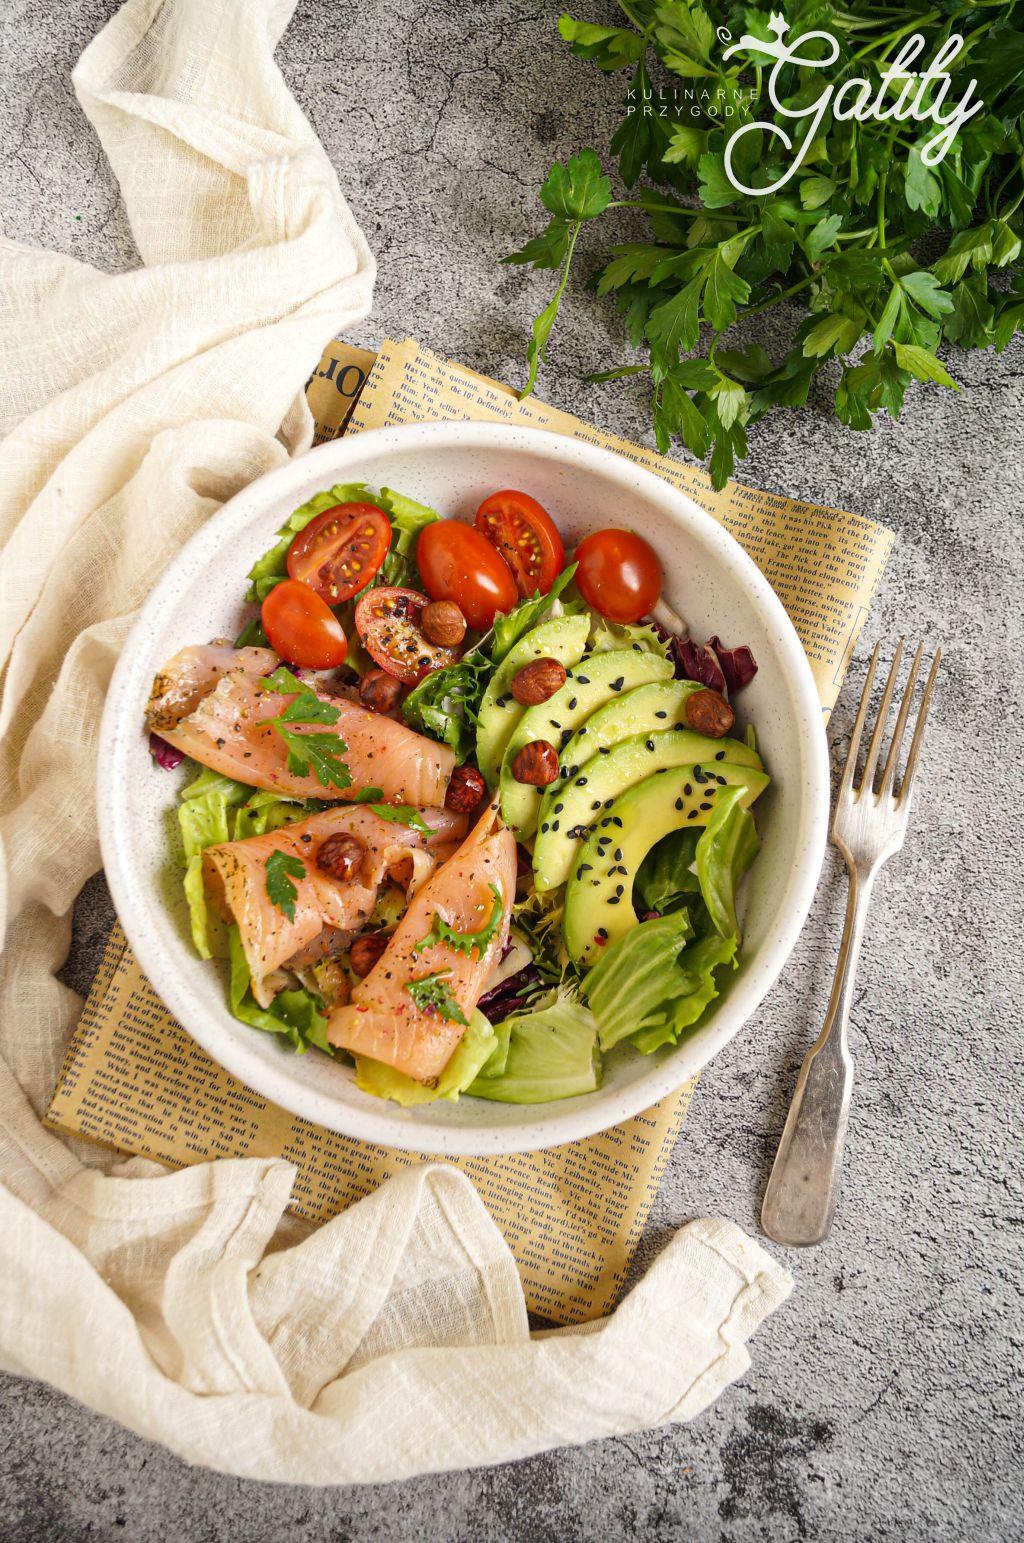 kolorowa-salatka-z-ryba-zielona-salata